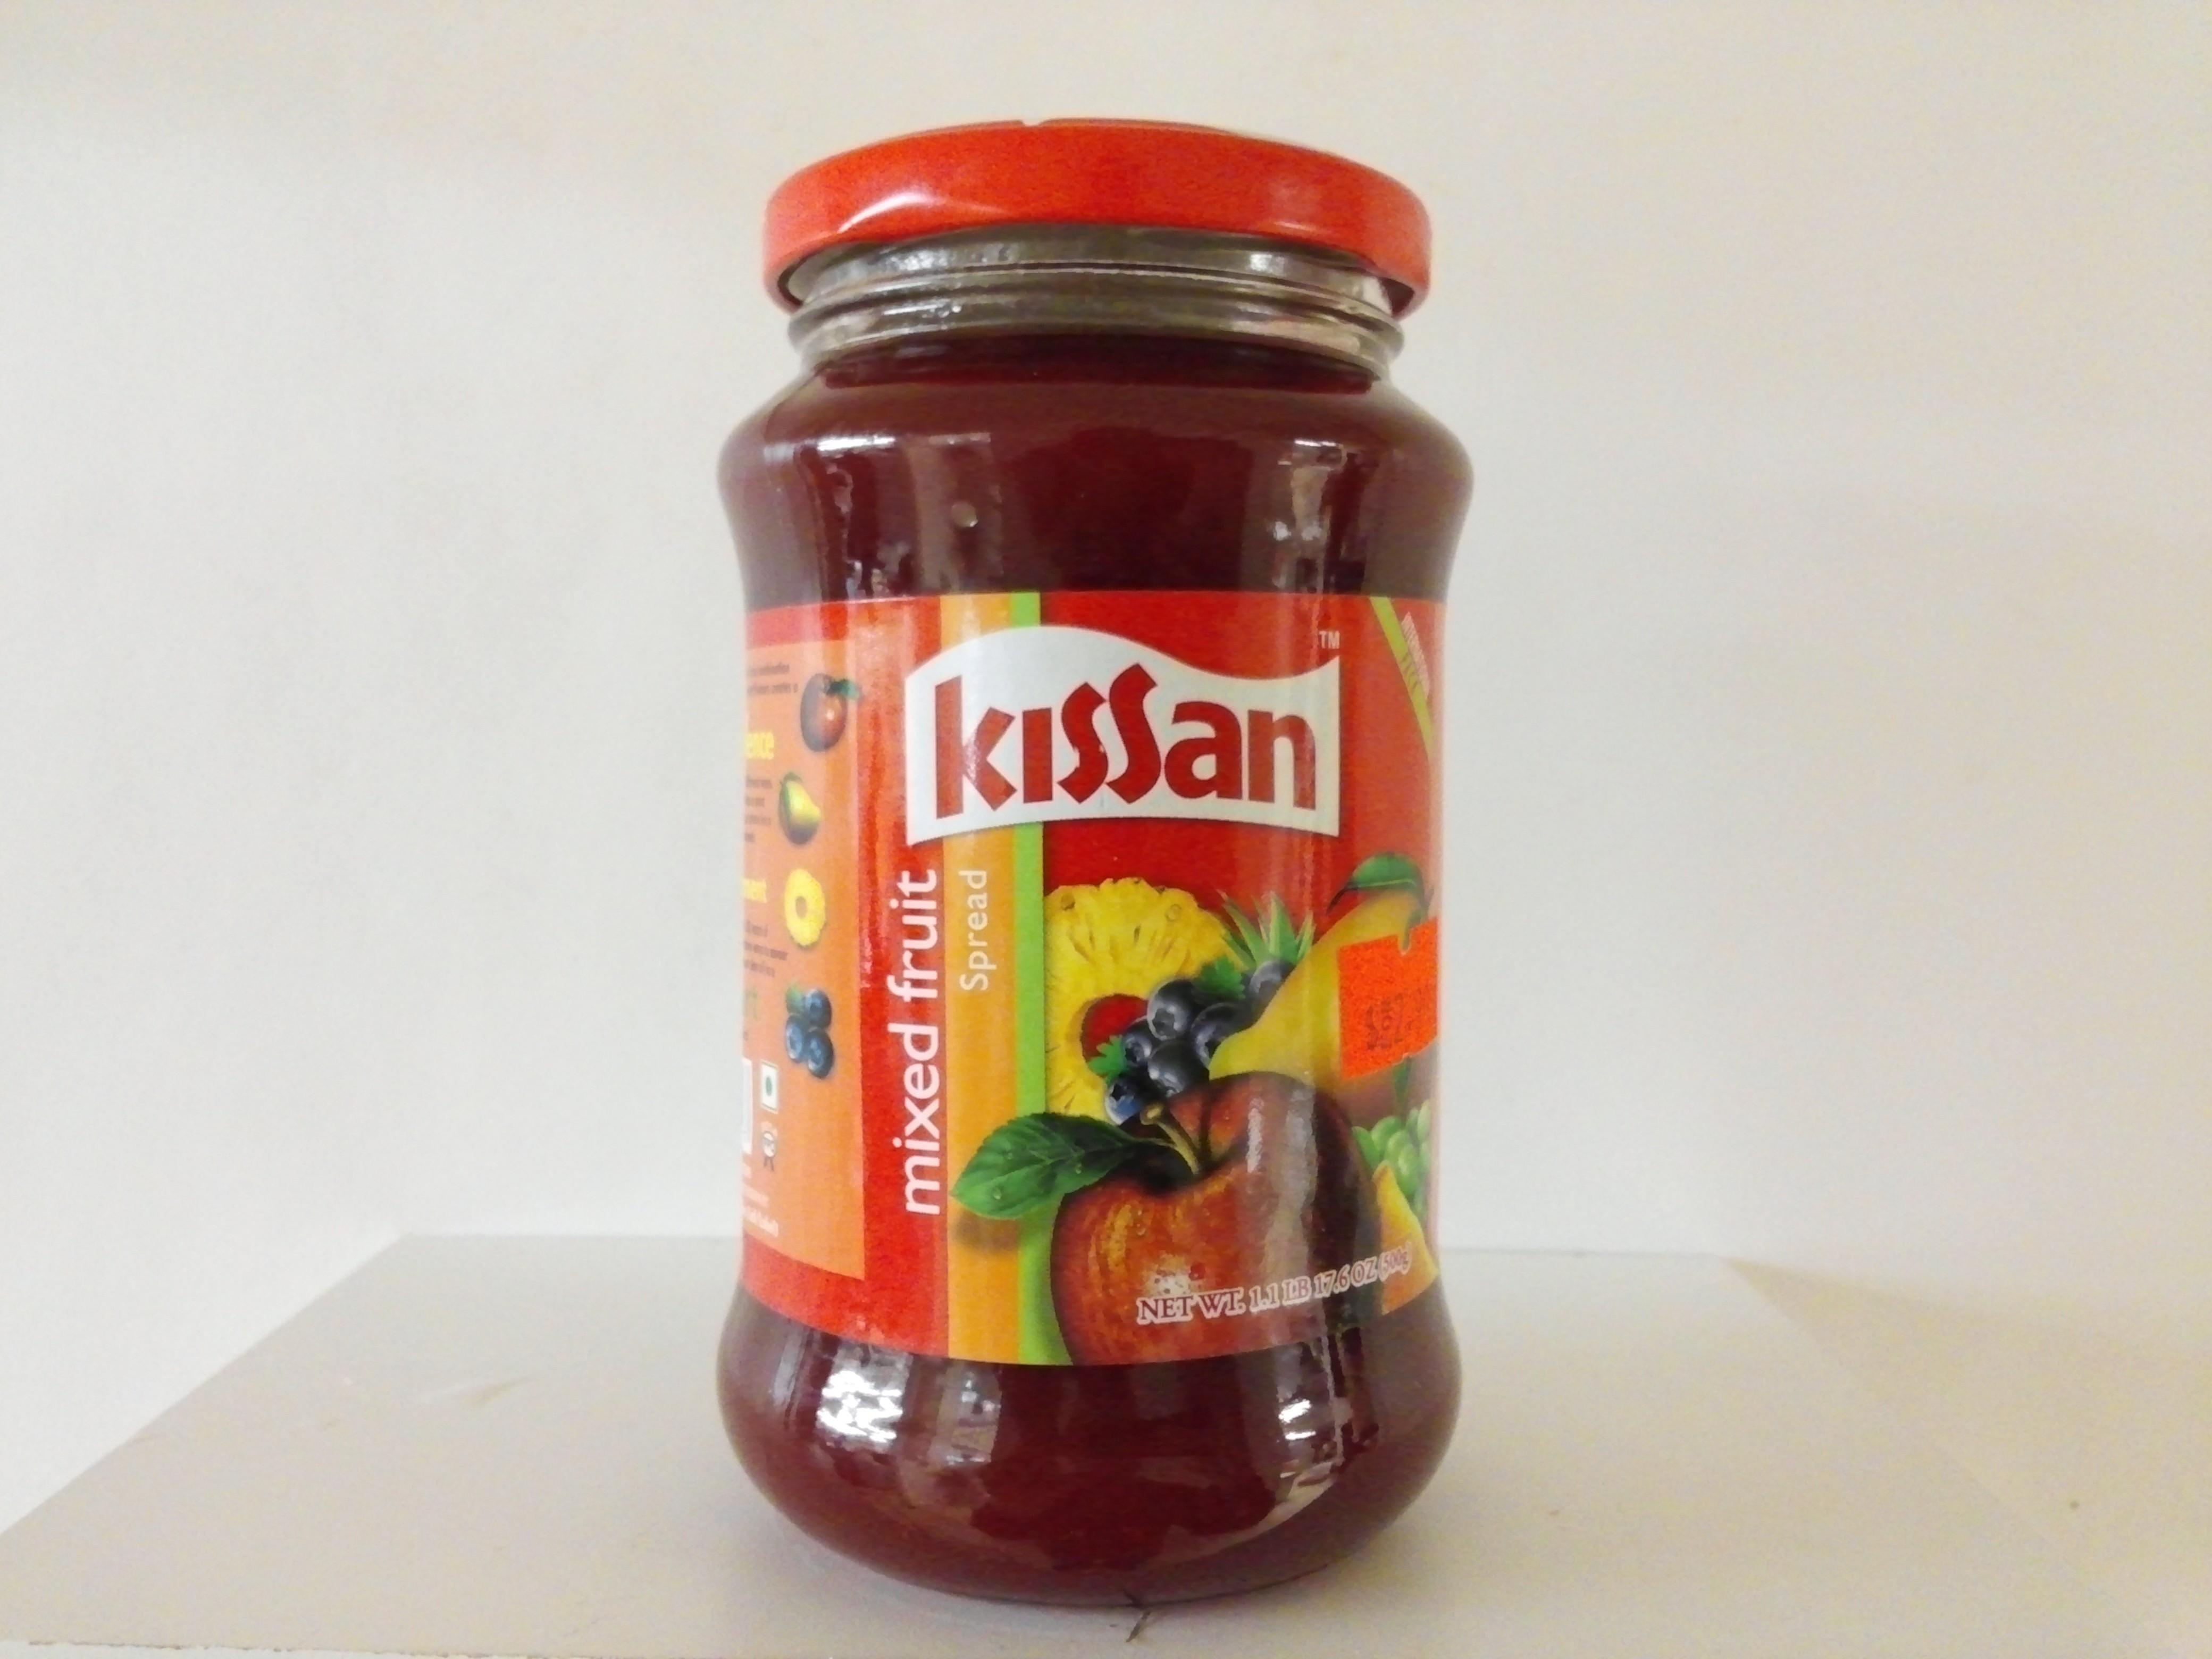 Kissan Mixed Fruit Jam 500 grm